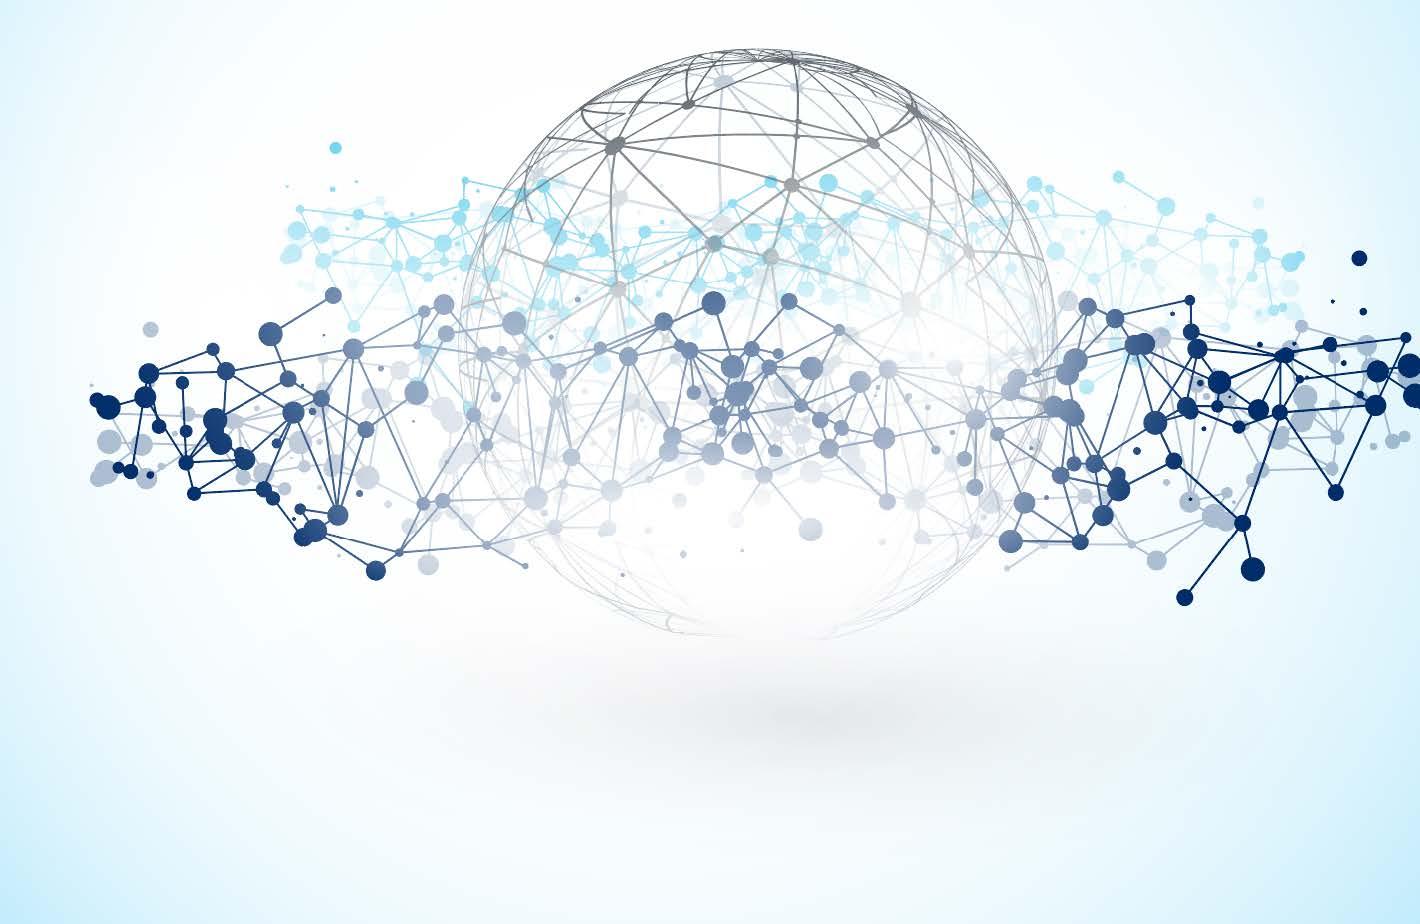 cloudblu-image